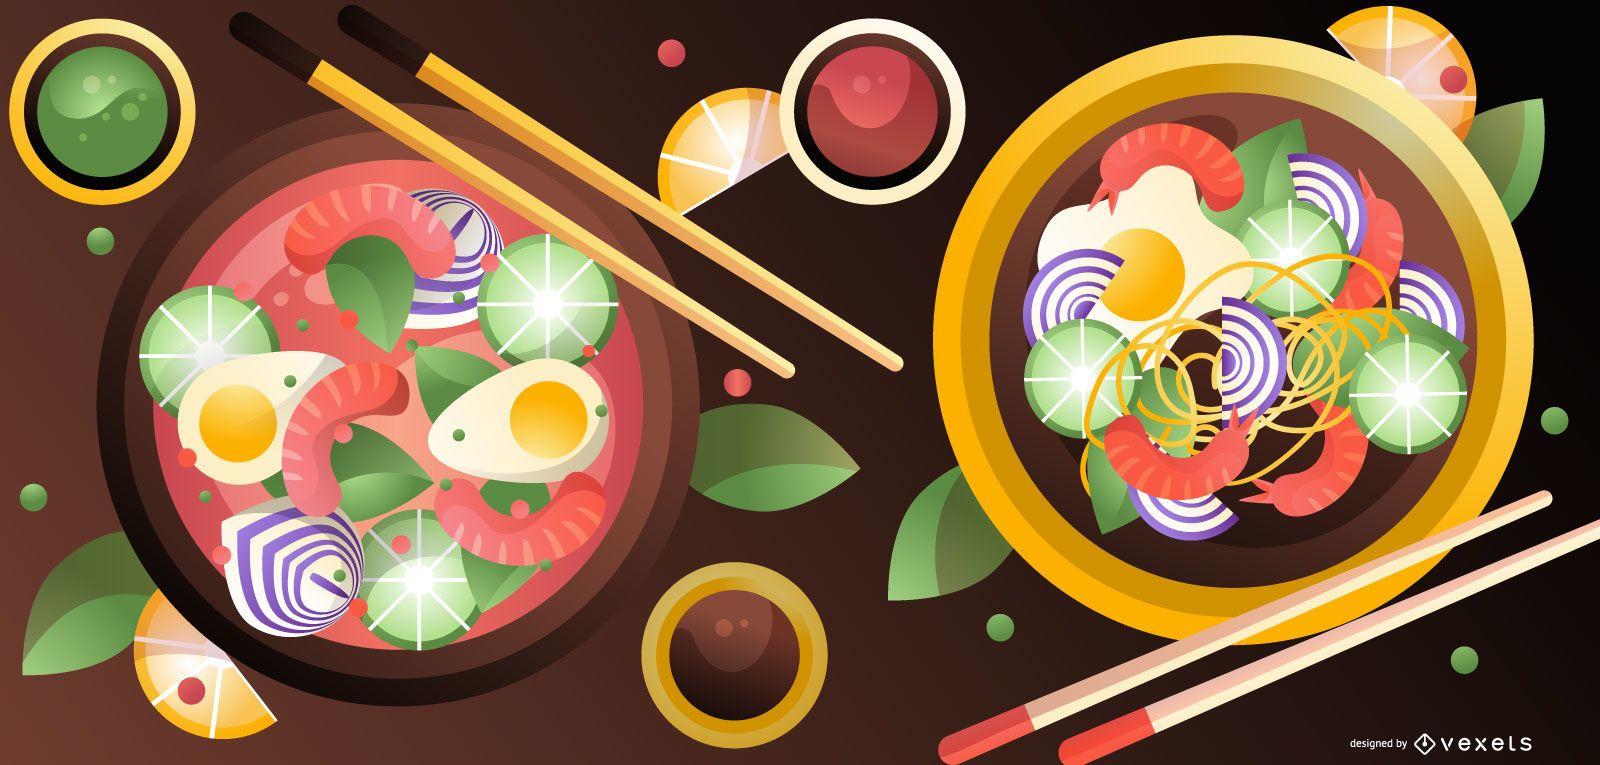 Japanische Ramen-Lebensmittelillustration